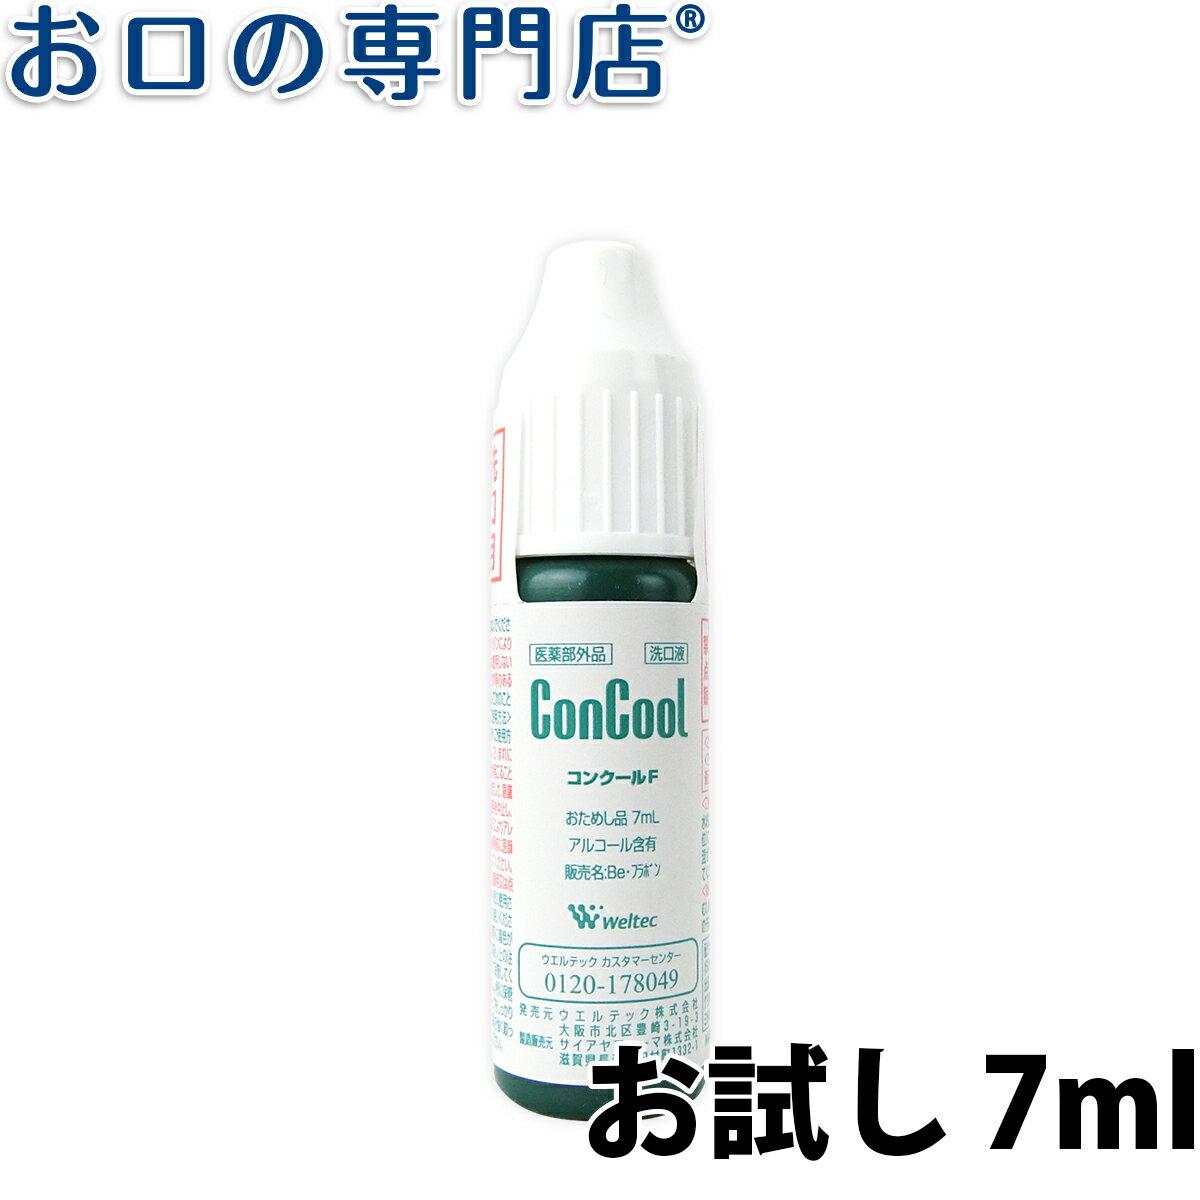 【お試し】コンクールシリーズ コンクール7ml×1個 /Weltec concool【メール便OK】